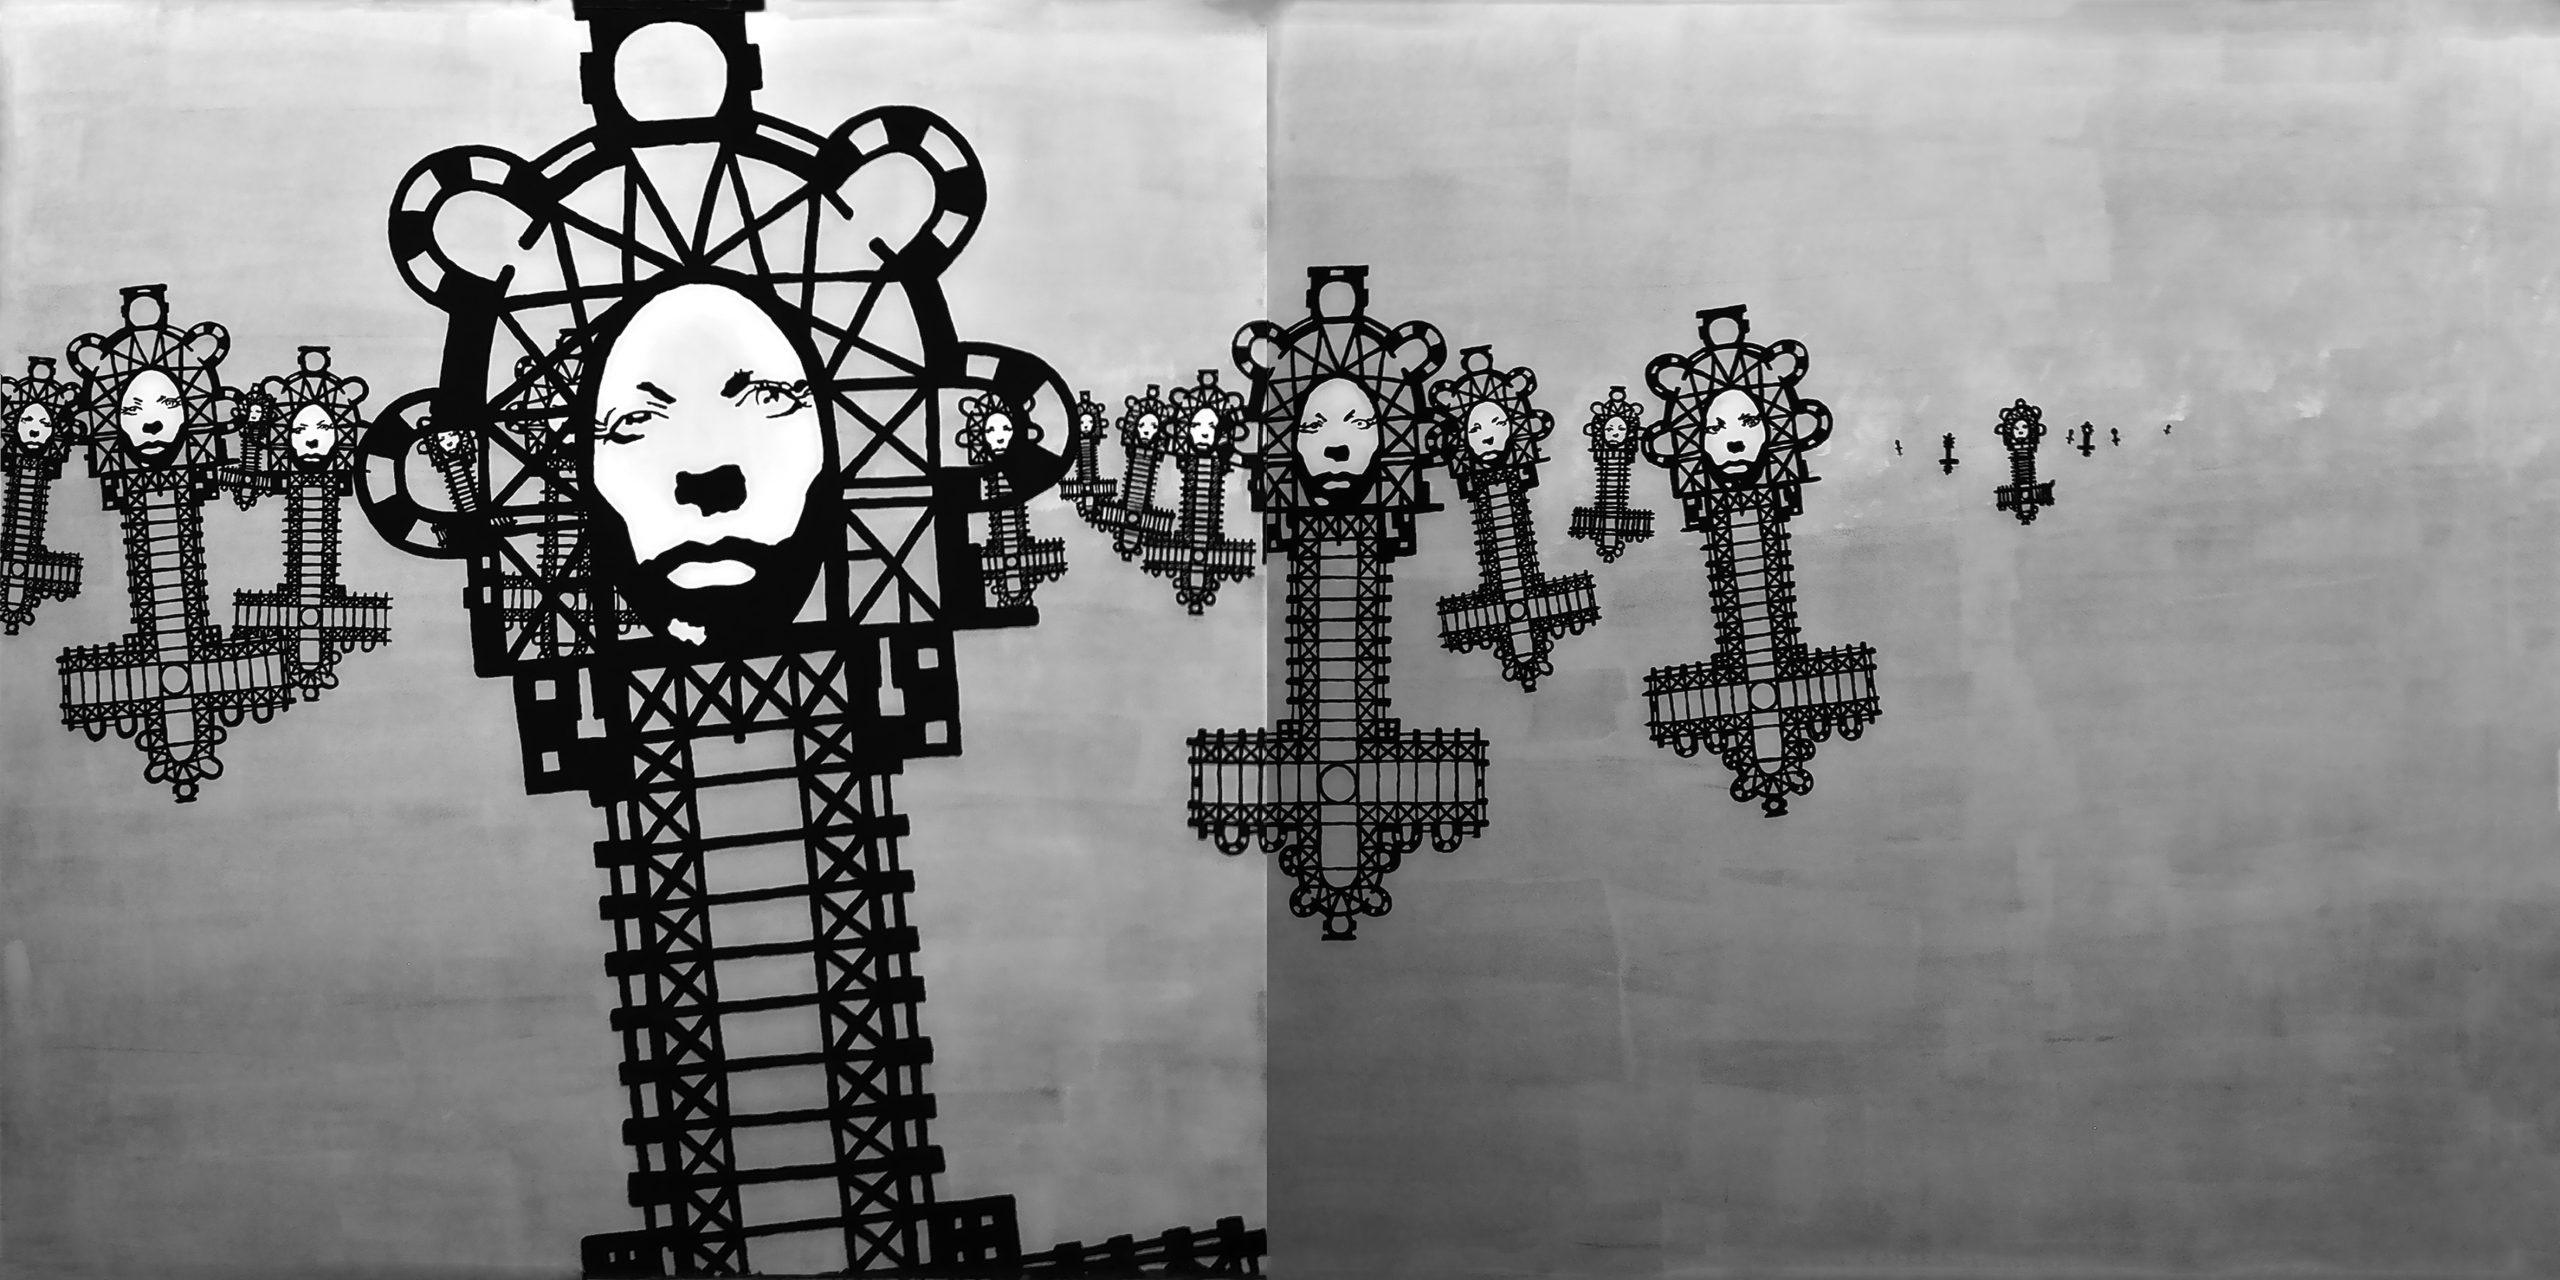 Corpus Christi / corpus delicti, 100 x 200, acrylique sur plexiglas, 2011